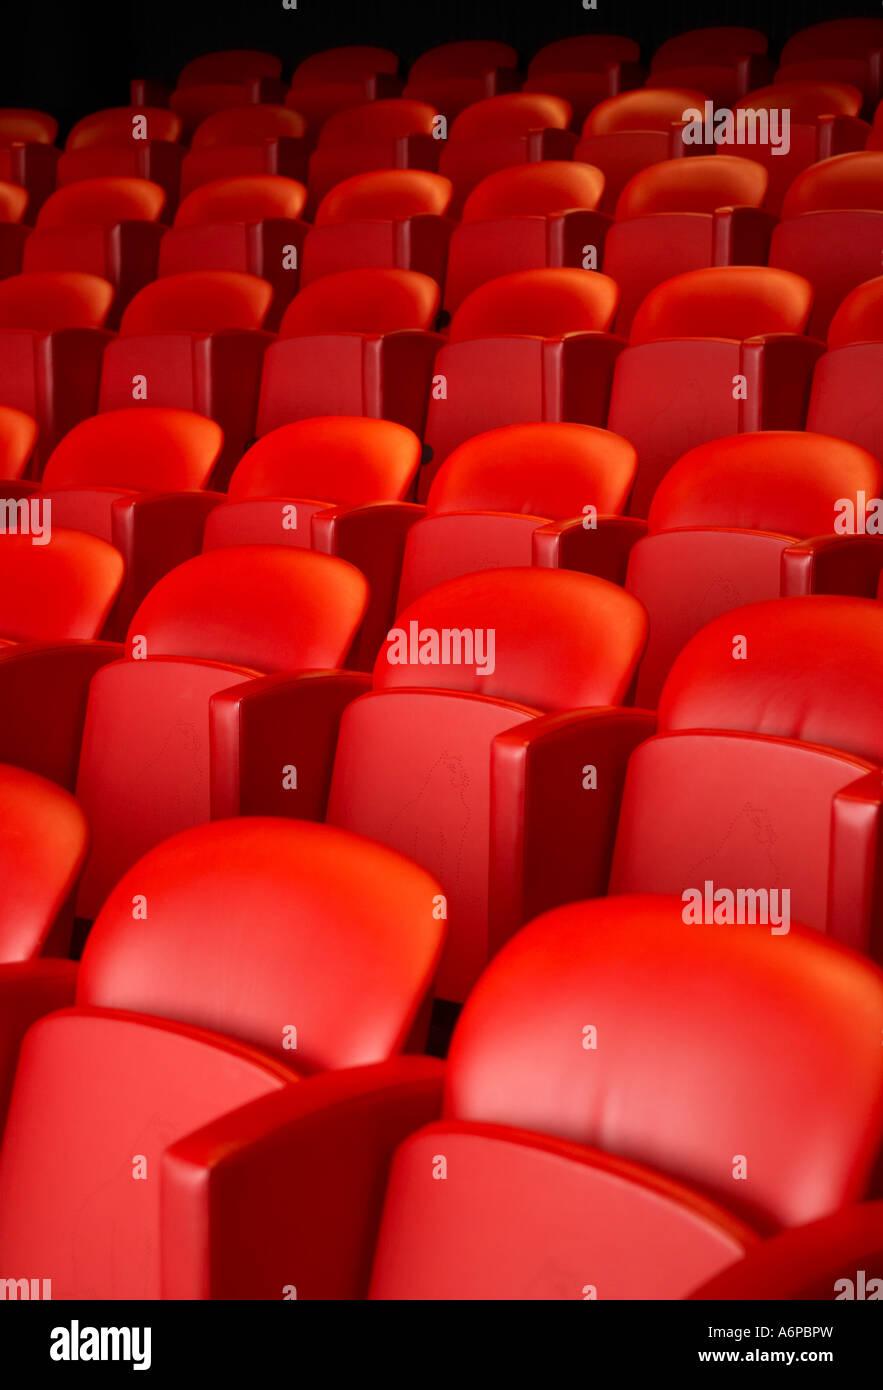 Places de cinéma rouge Photo Stock